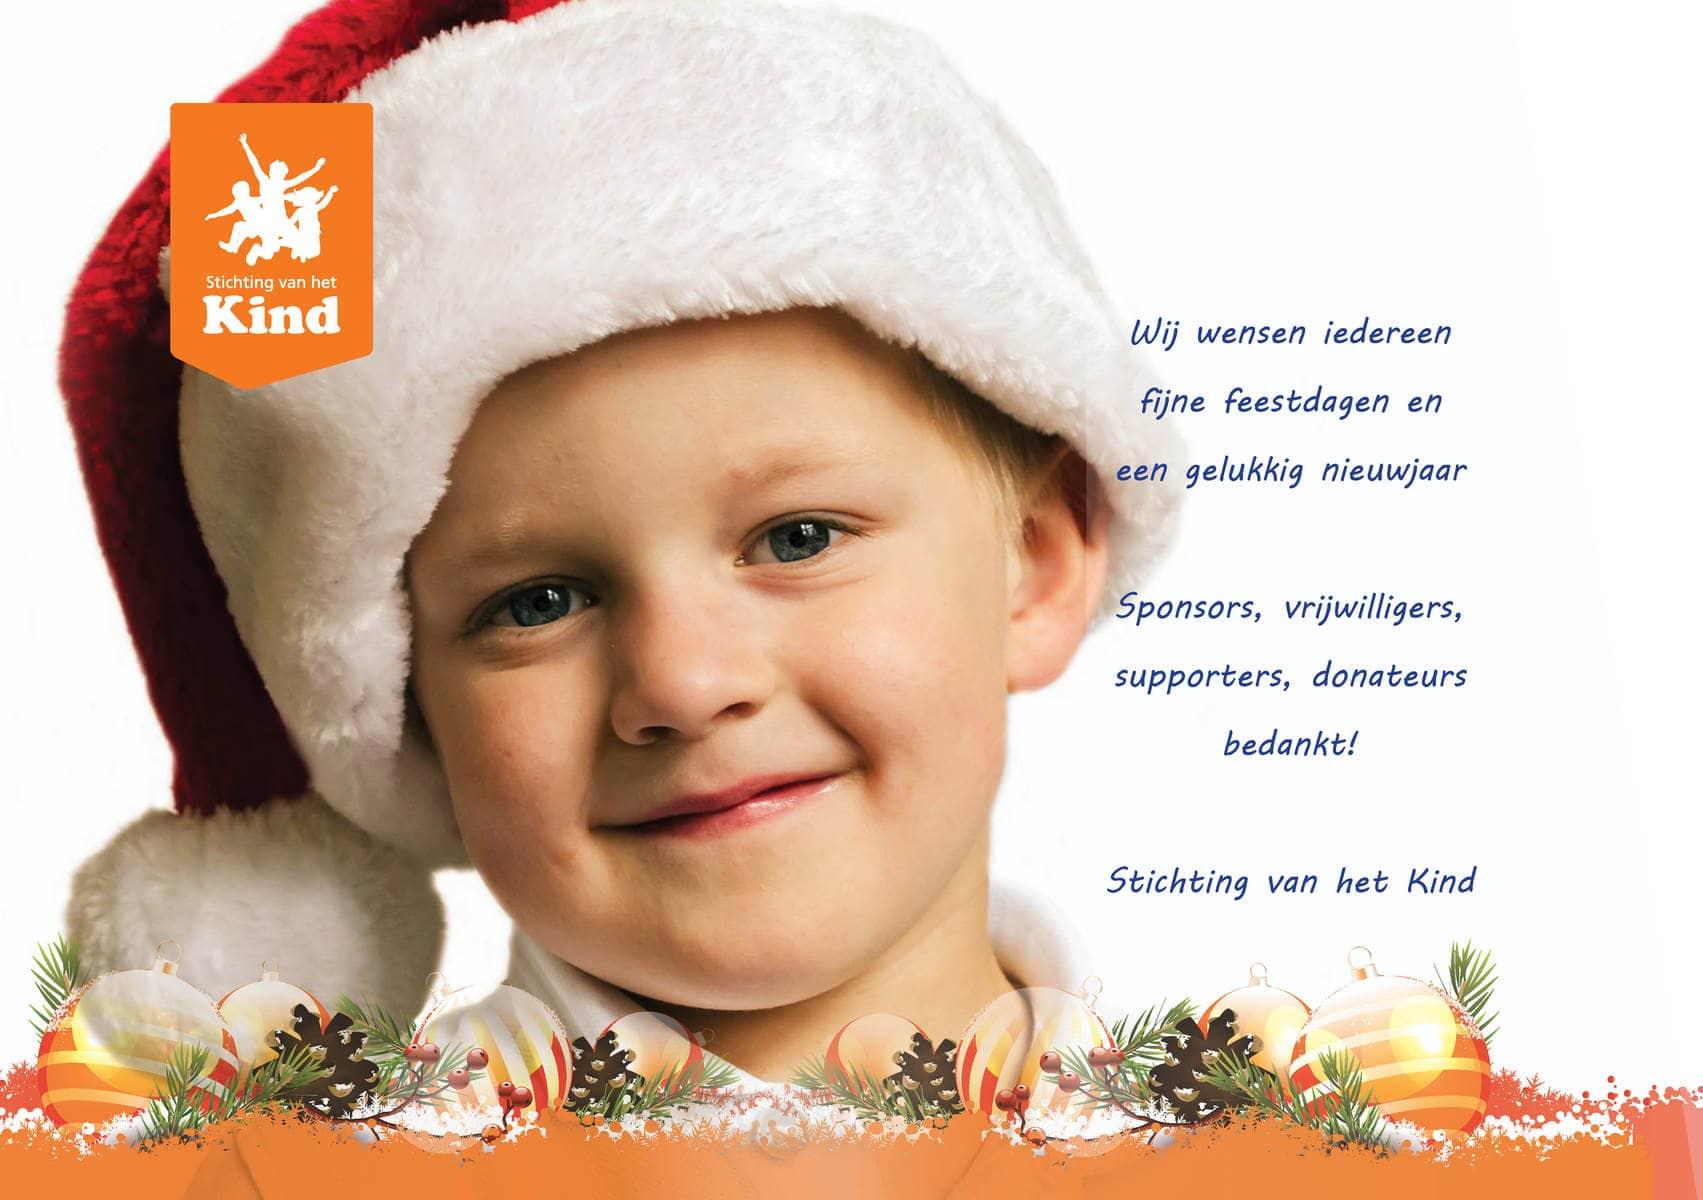 kerstkaart-stichting-van-het-kind